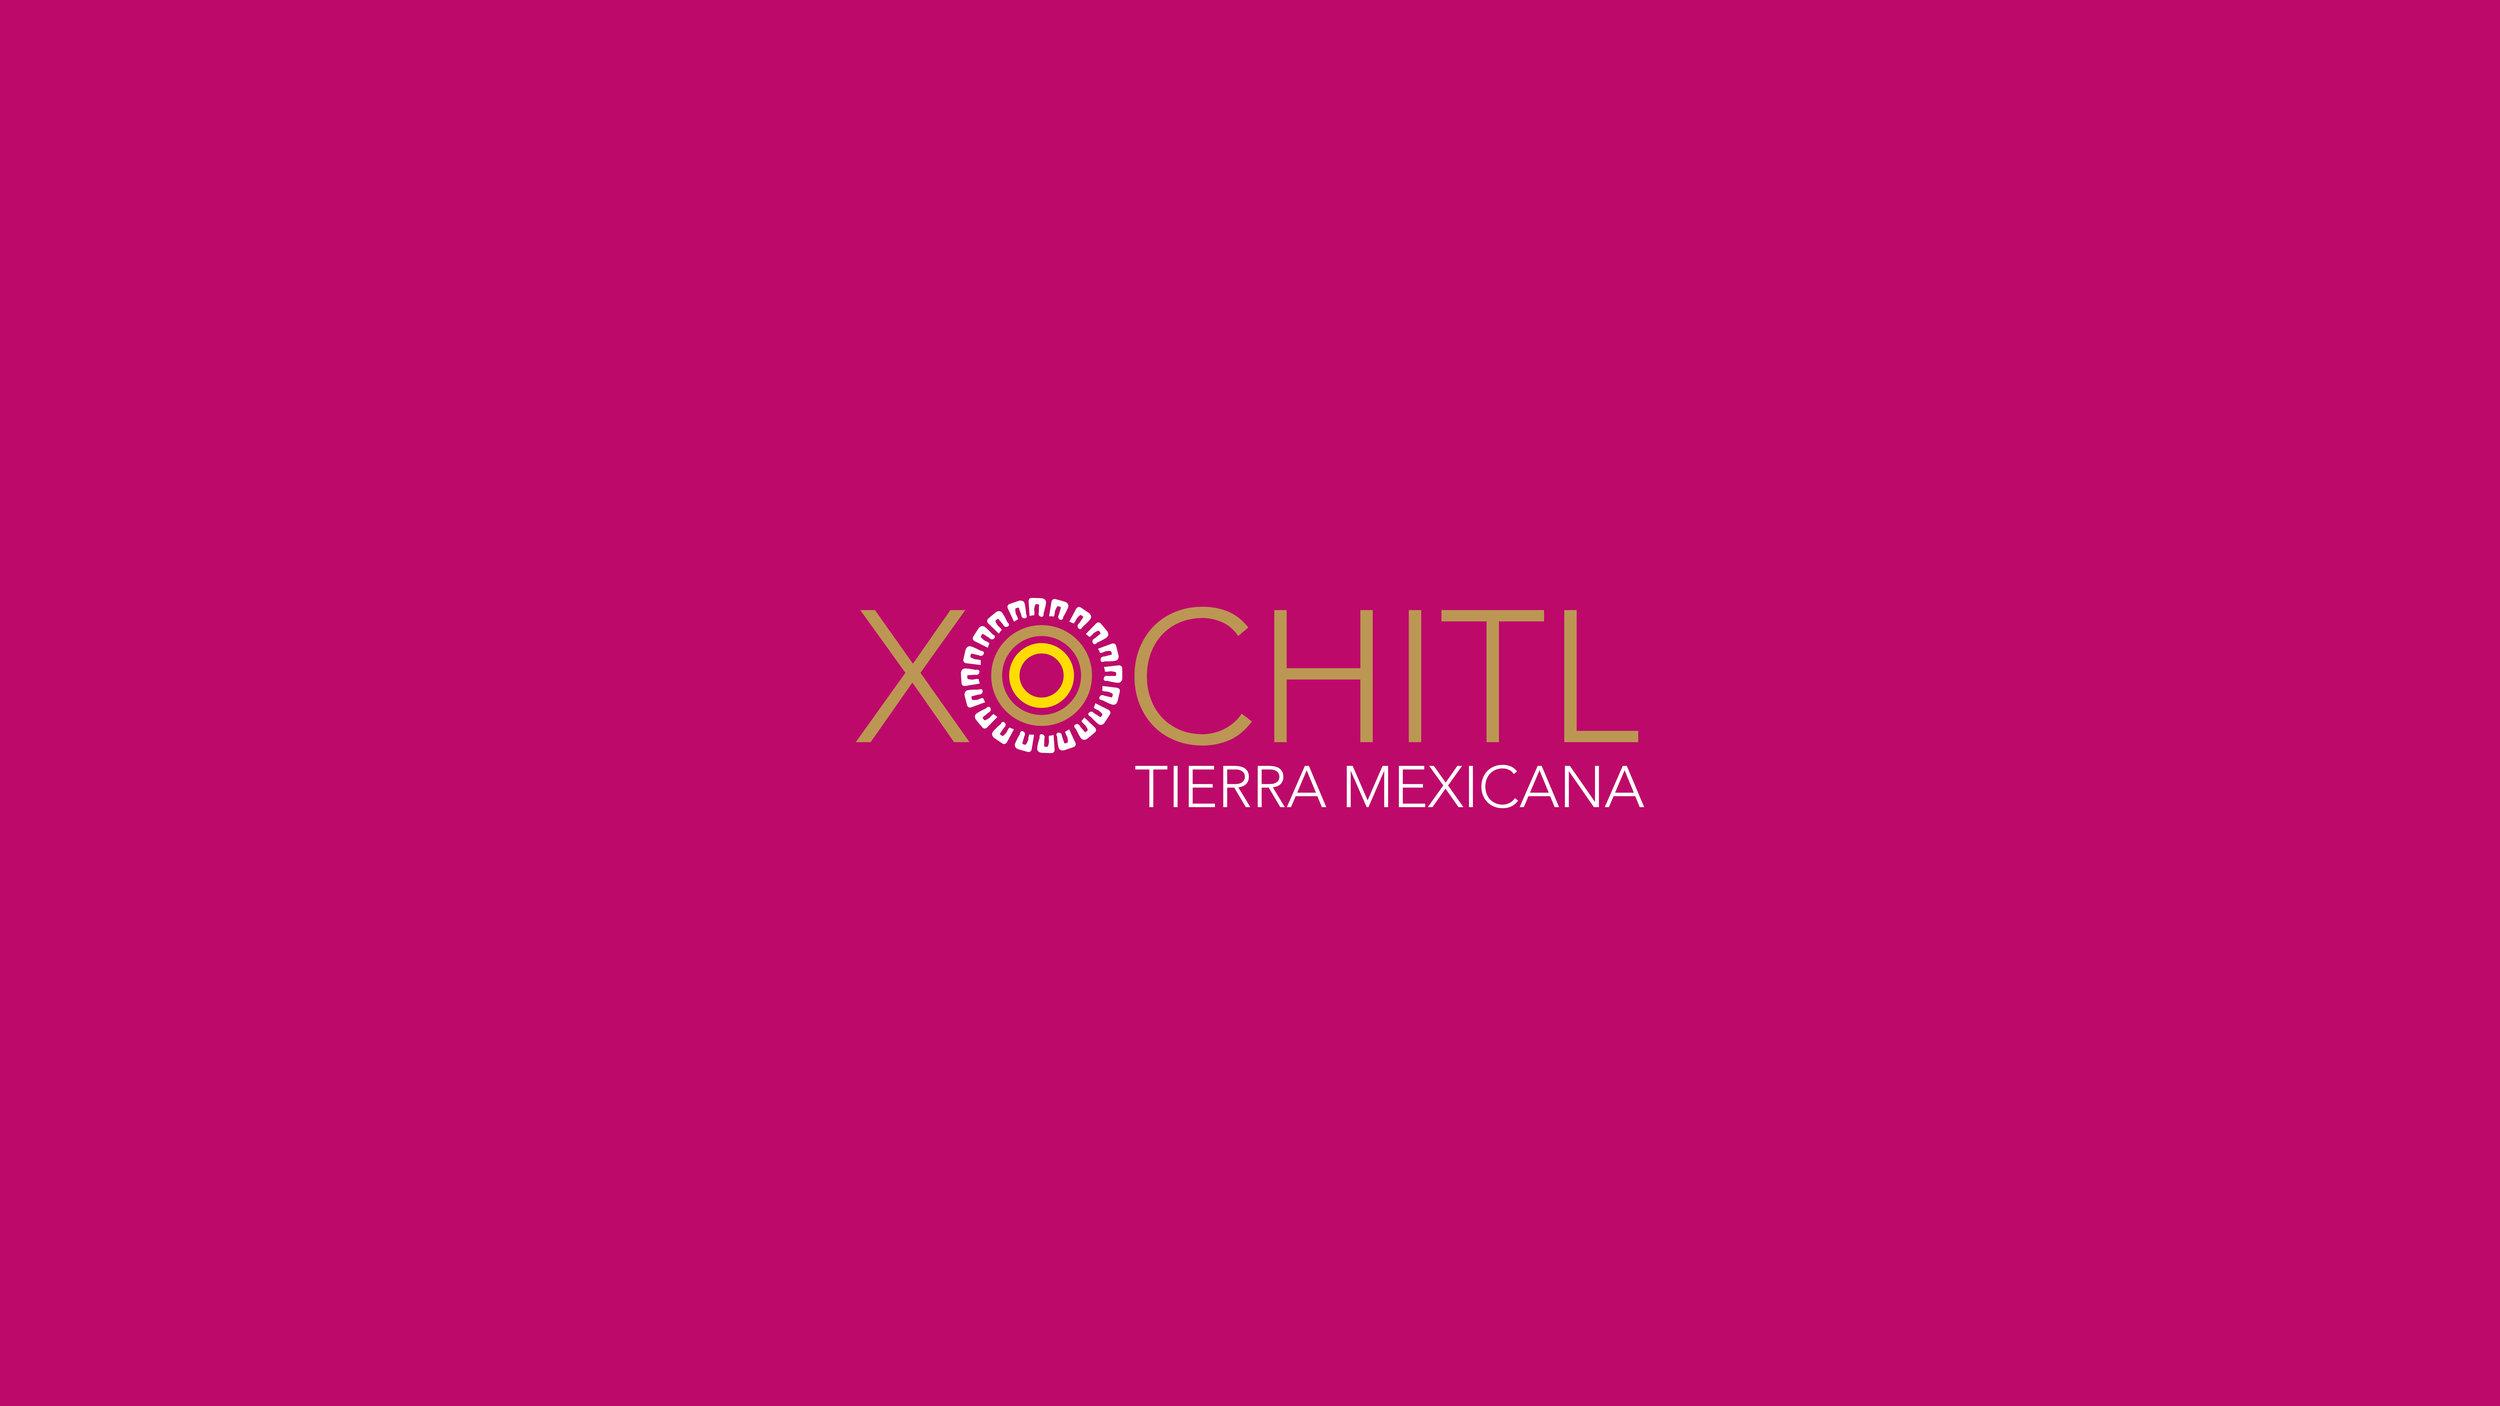 Hochitl_2.jpg